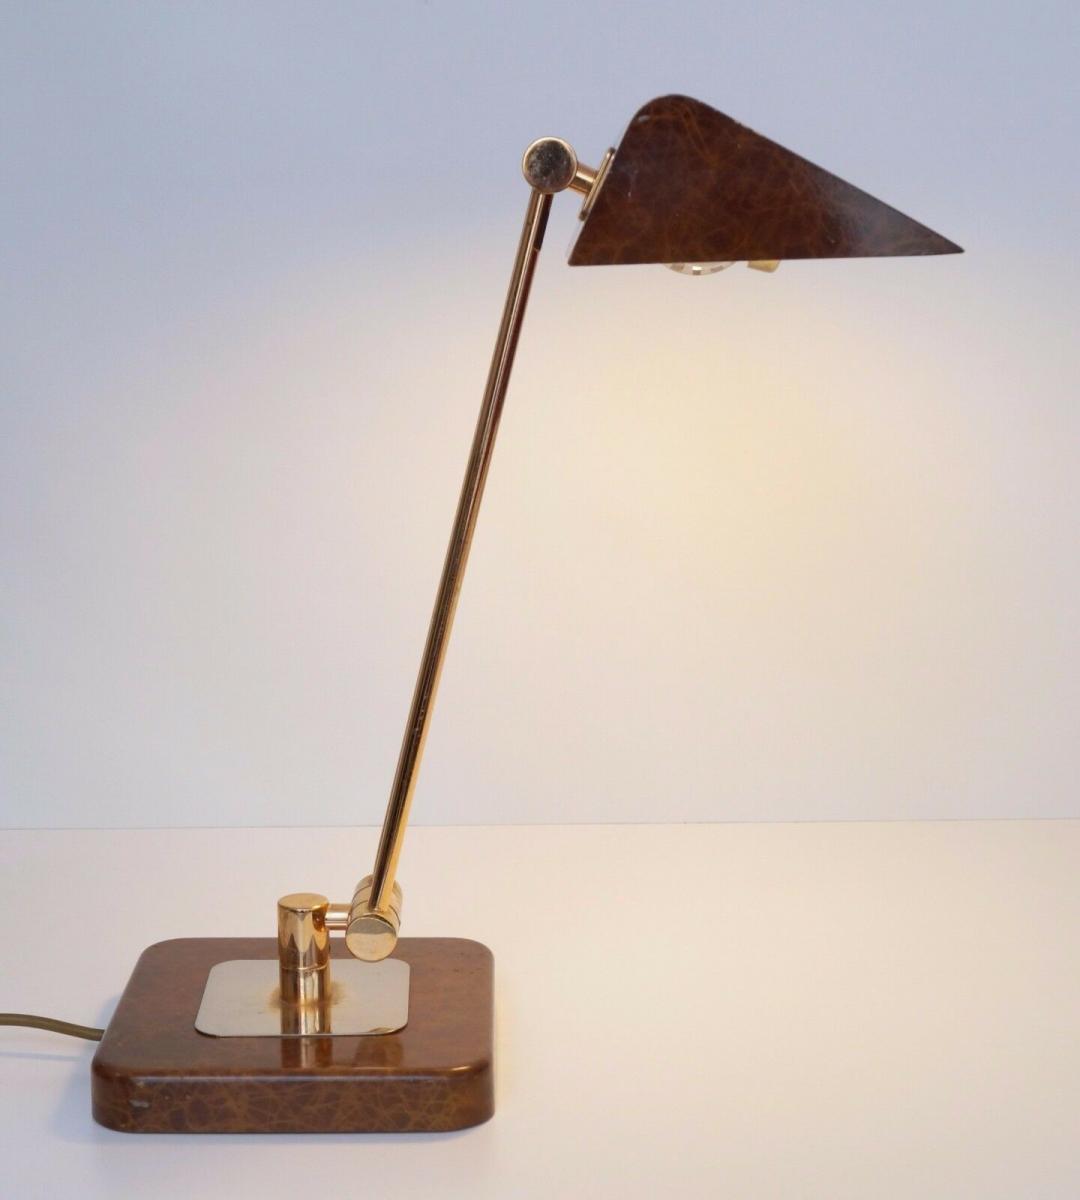 Orig. Hillebrand 80er Retro Schreibtisch Design Schreibtischleuchte Kroko-Optik 1